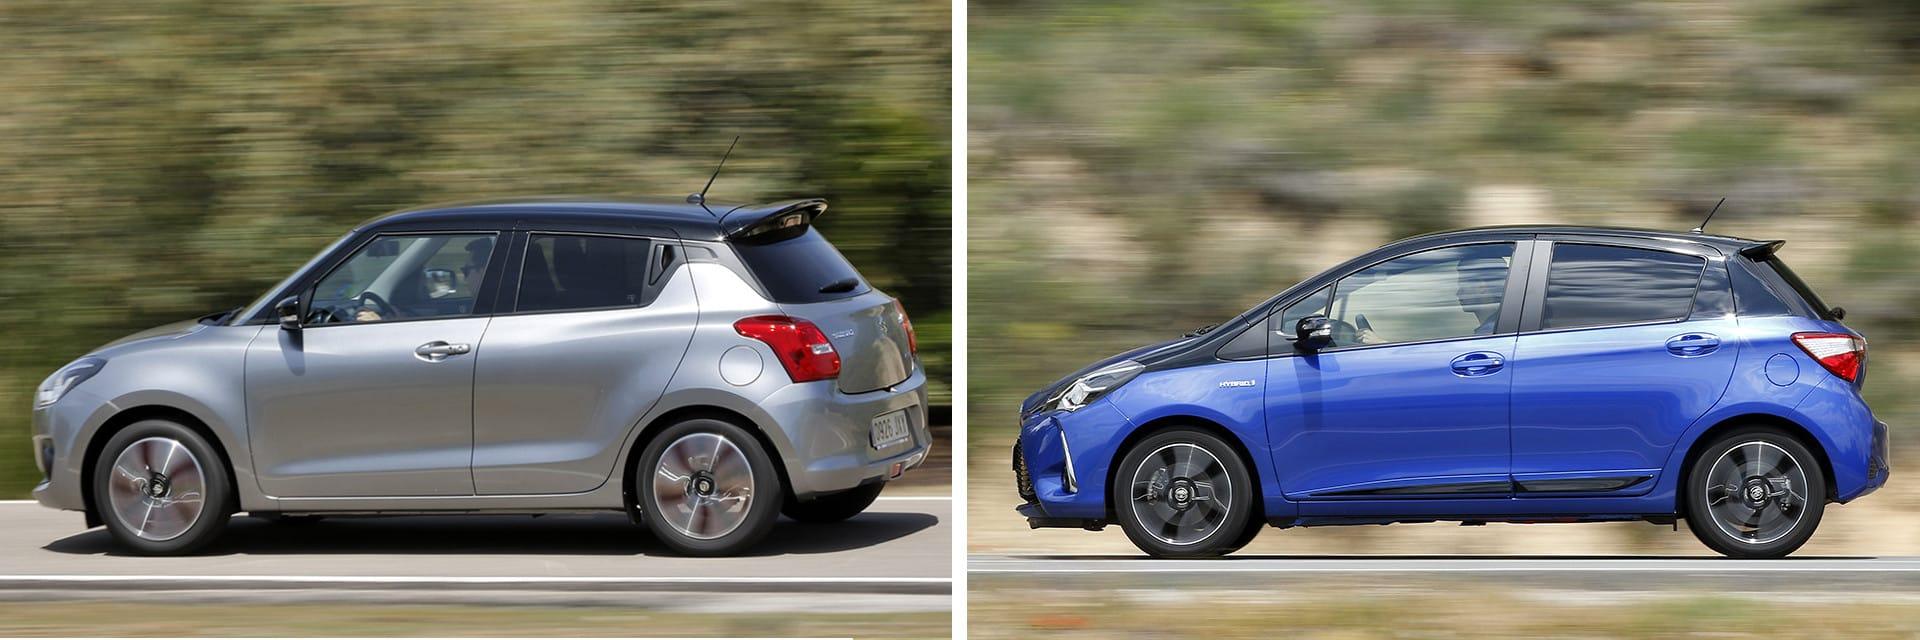 Este Suzuki Swift 1.0 GLX SHVS (izq.) es 570 euros más caro que el Toyota Yaris 100H Feel! (dcha.), pero cuenta con más equipamiento de serie.